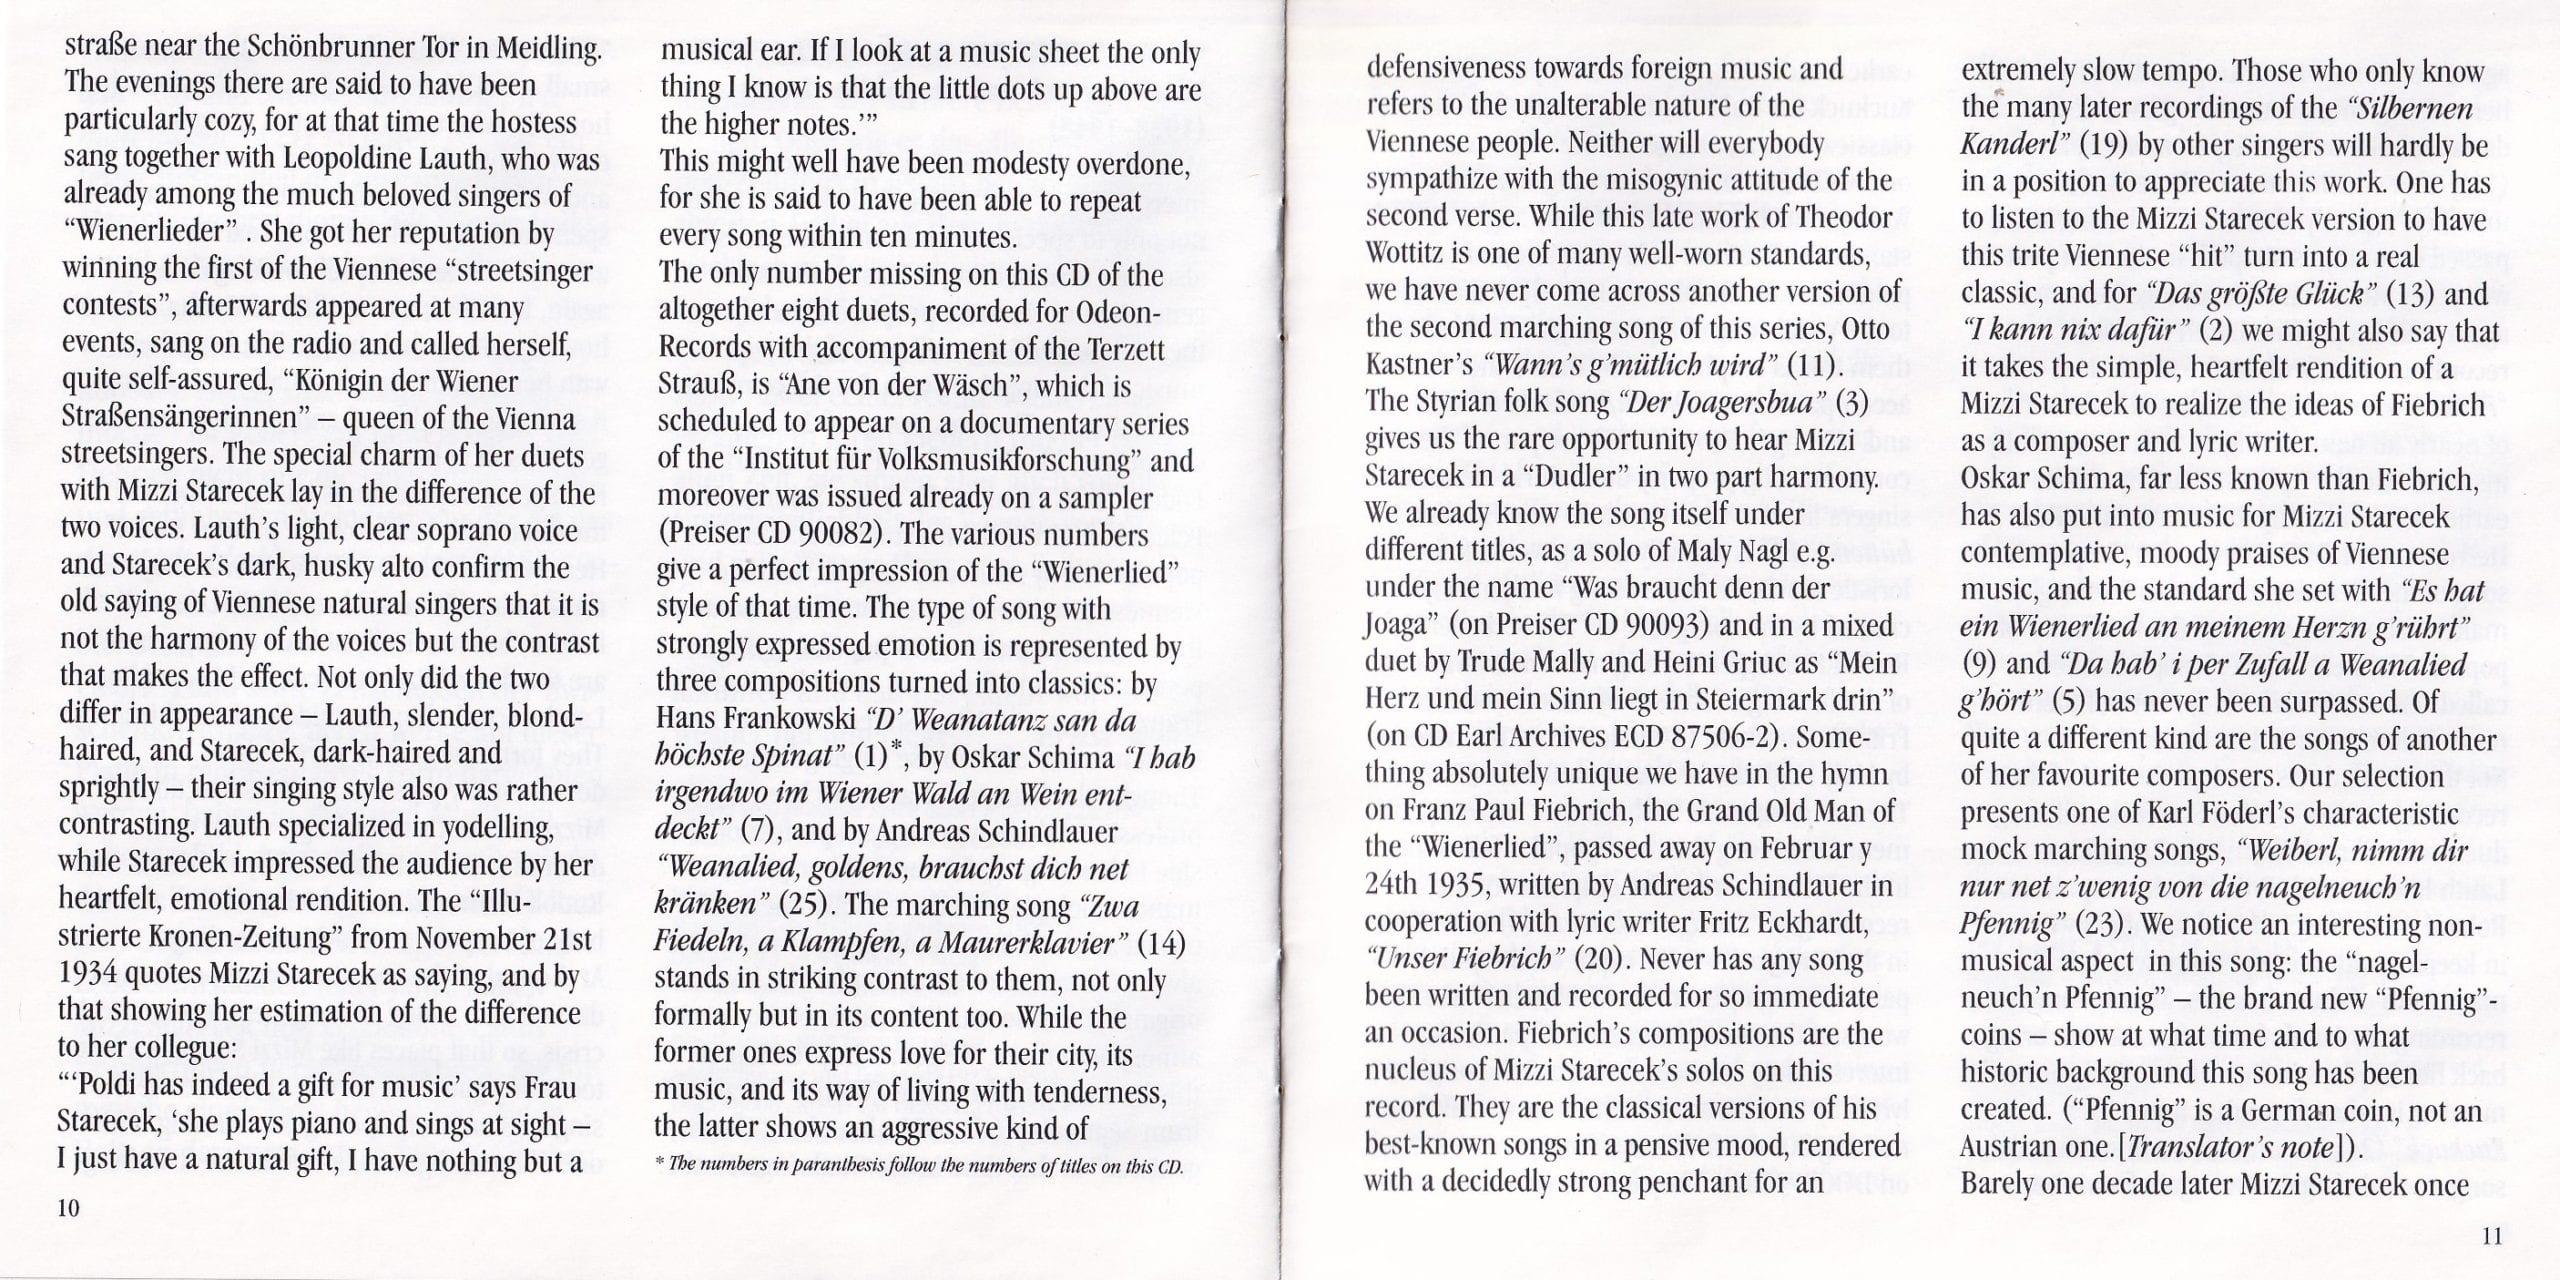 D Weanatanz san da höchste Spinat – Booklet – 10-11